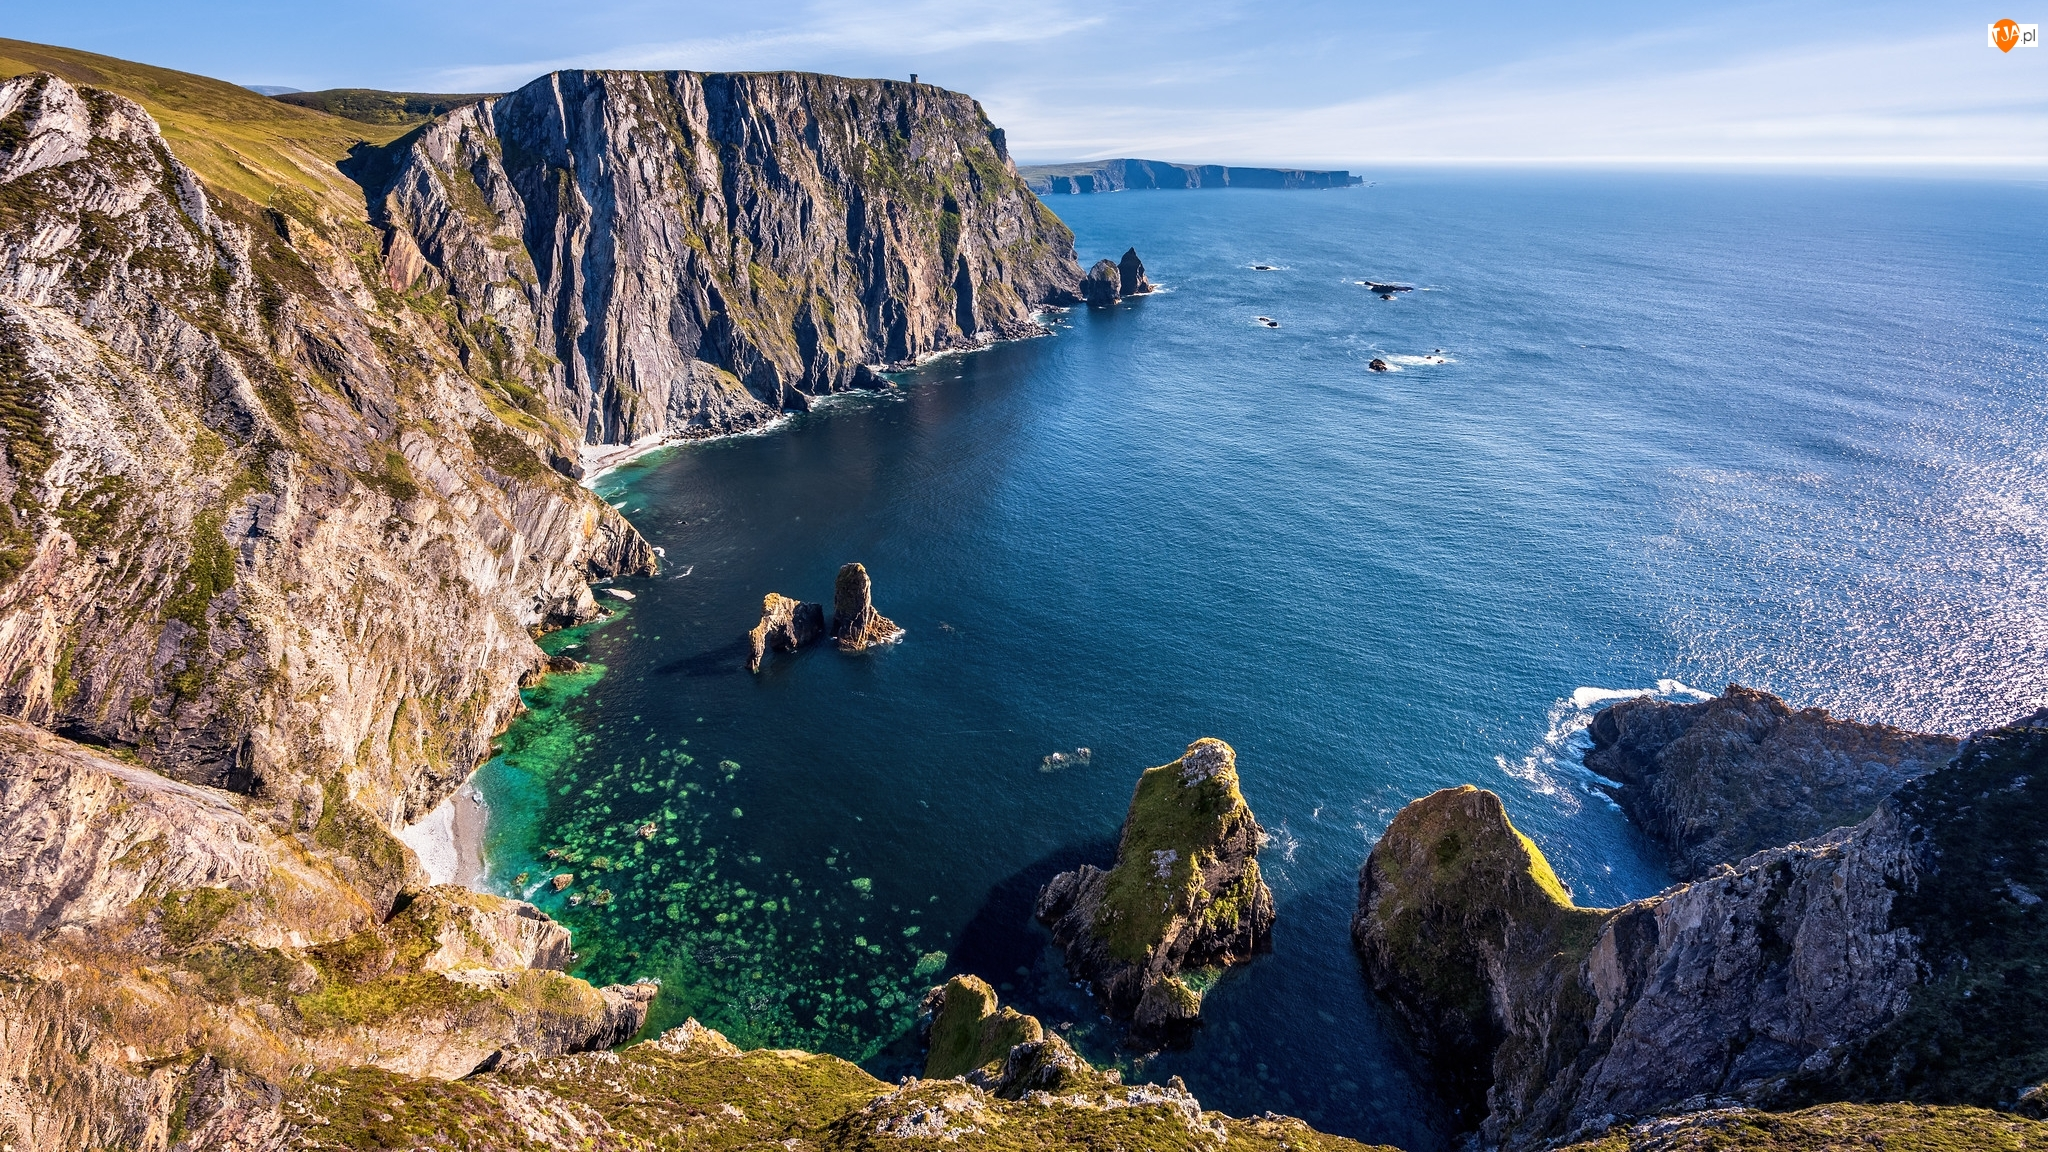 Wybrzeże, Hrabstwo Donegal, Zatoka, Skały, Klif, Glencolmcille, Cypel Sturrall, Irlandia, Morze